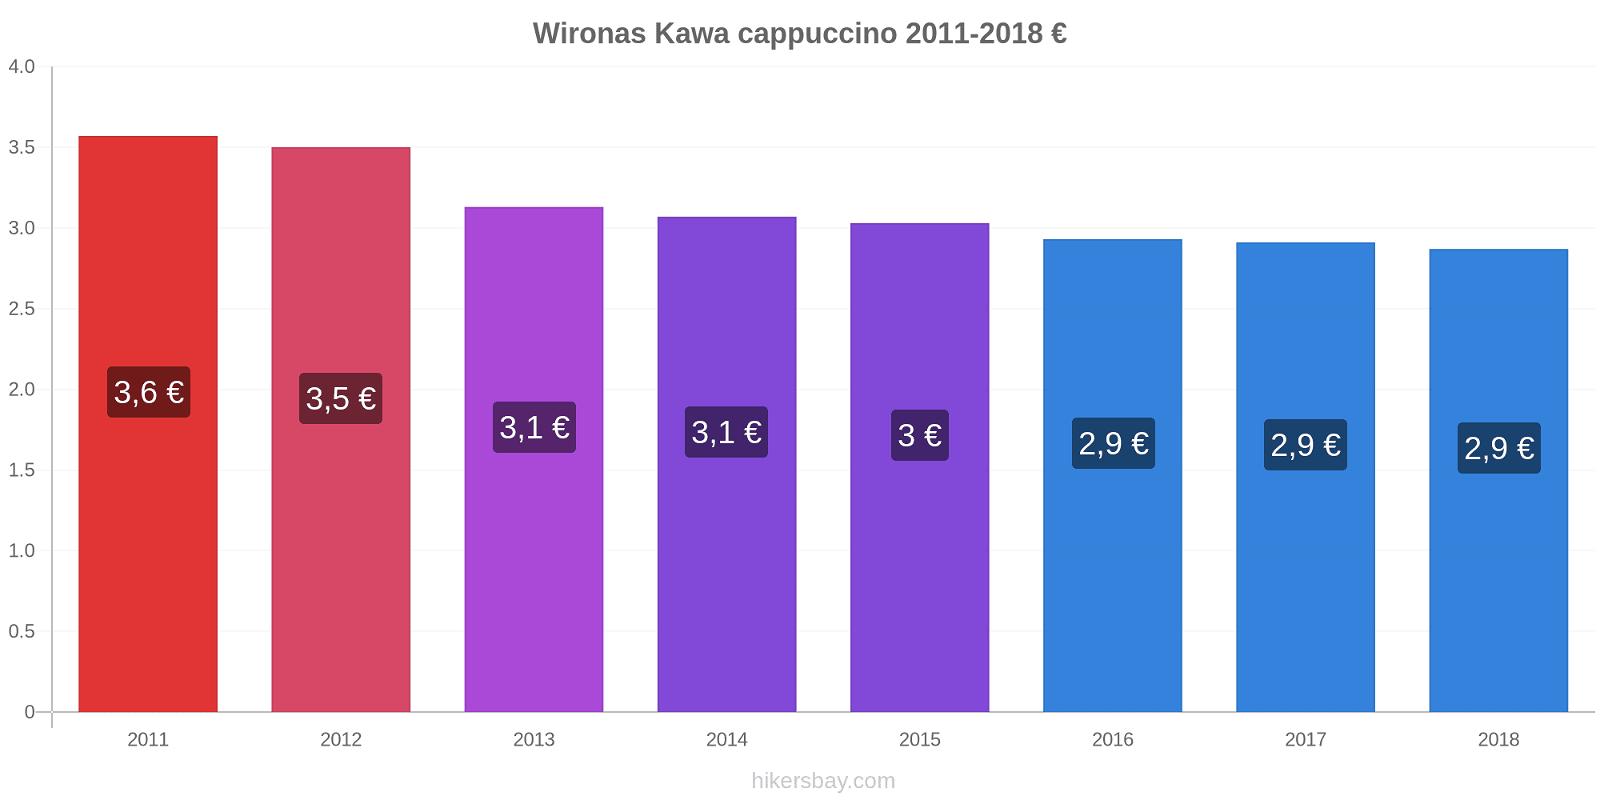 Wironas zmiany cen Kawa cappuccino hikersbay.com